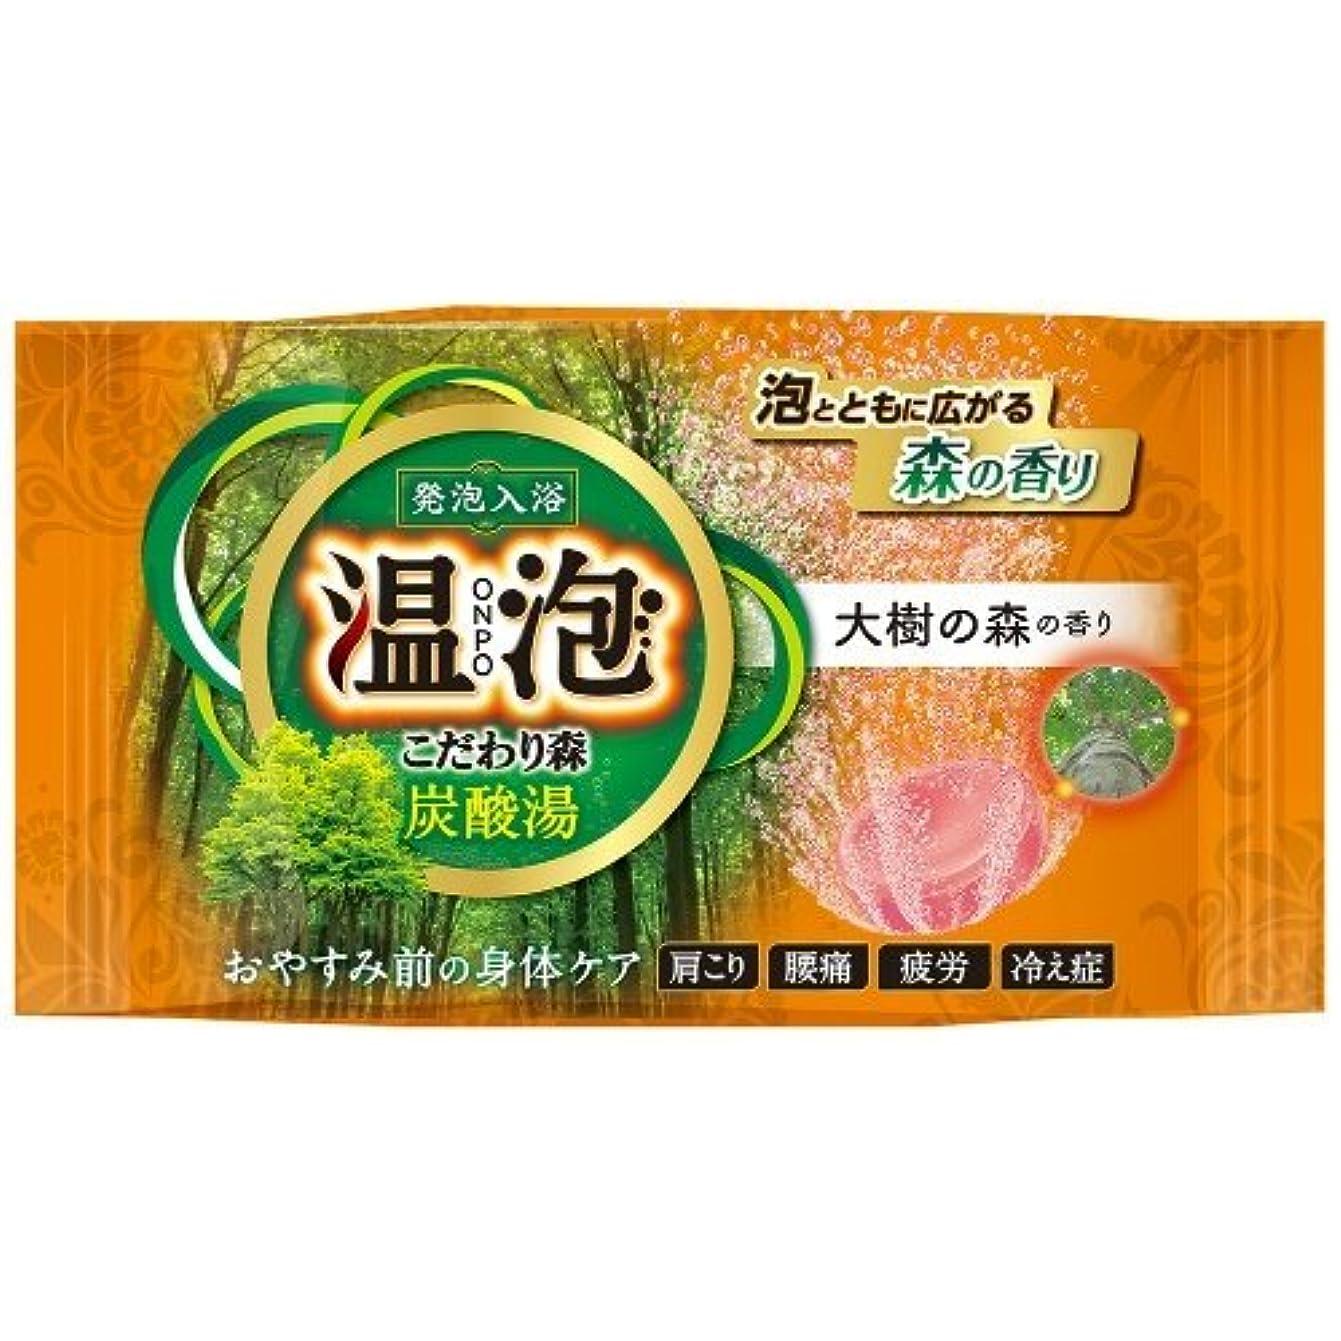 シンク大理石ネックレス[アース製薬] 温泡 ONPO こだわり森 炭酸湯 大樹の森 1錠